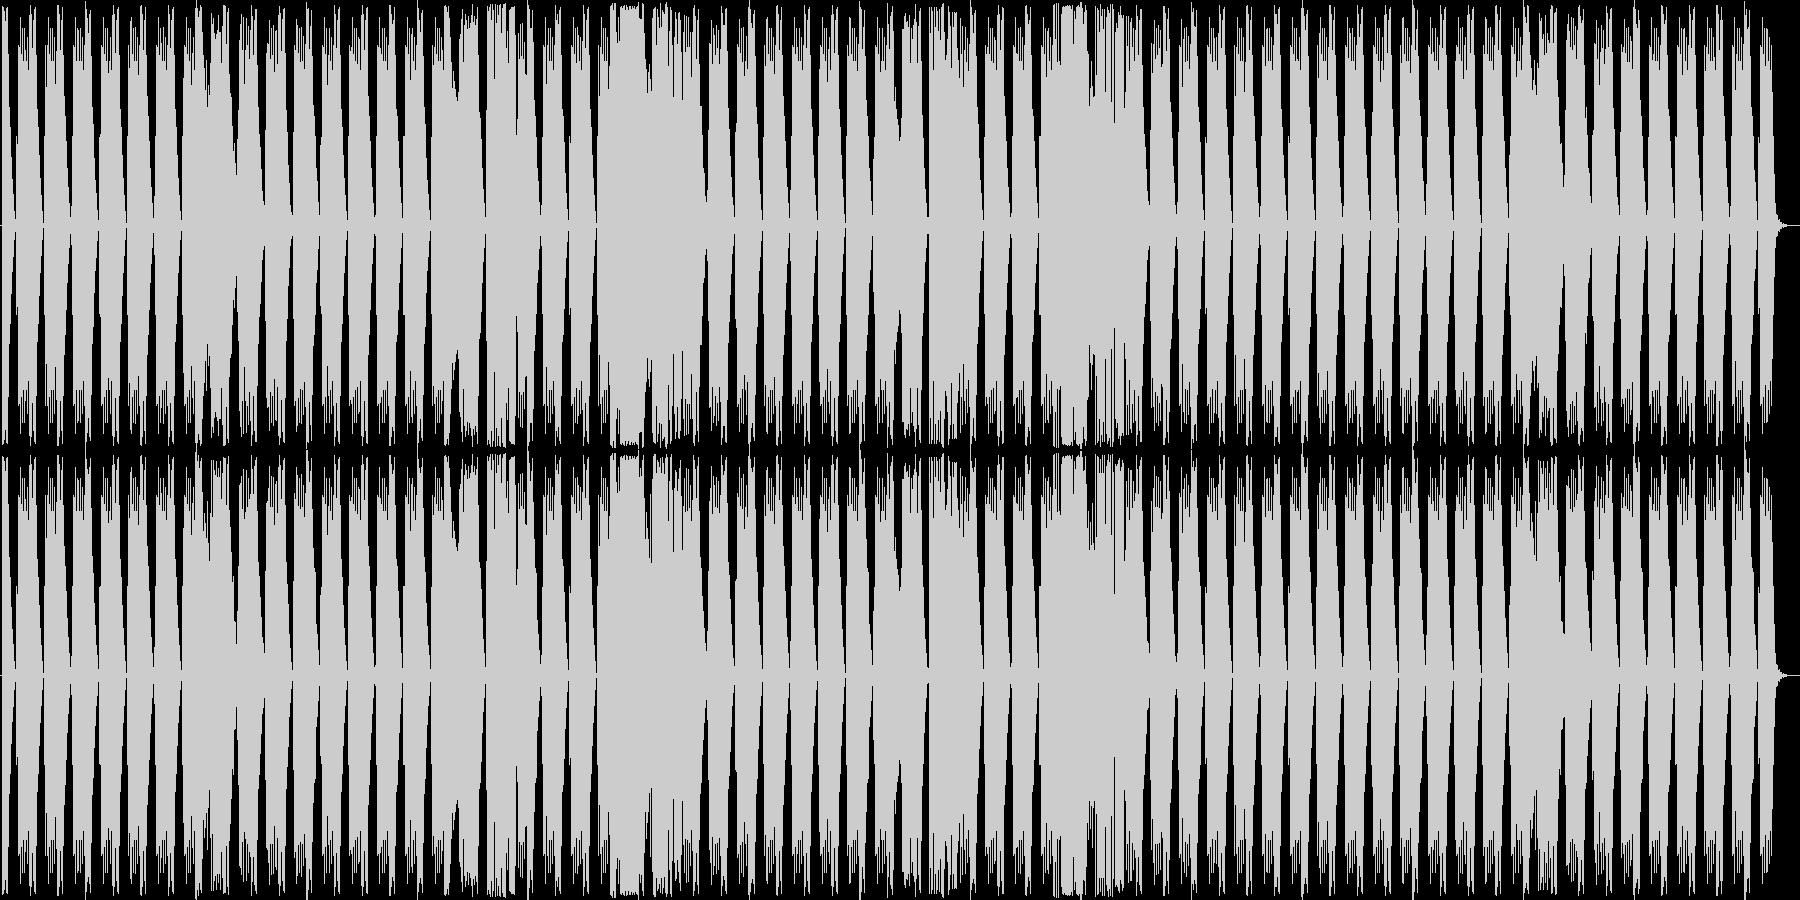 殆どリズムだけの短い曲ですの未再生の波形